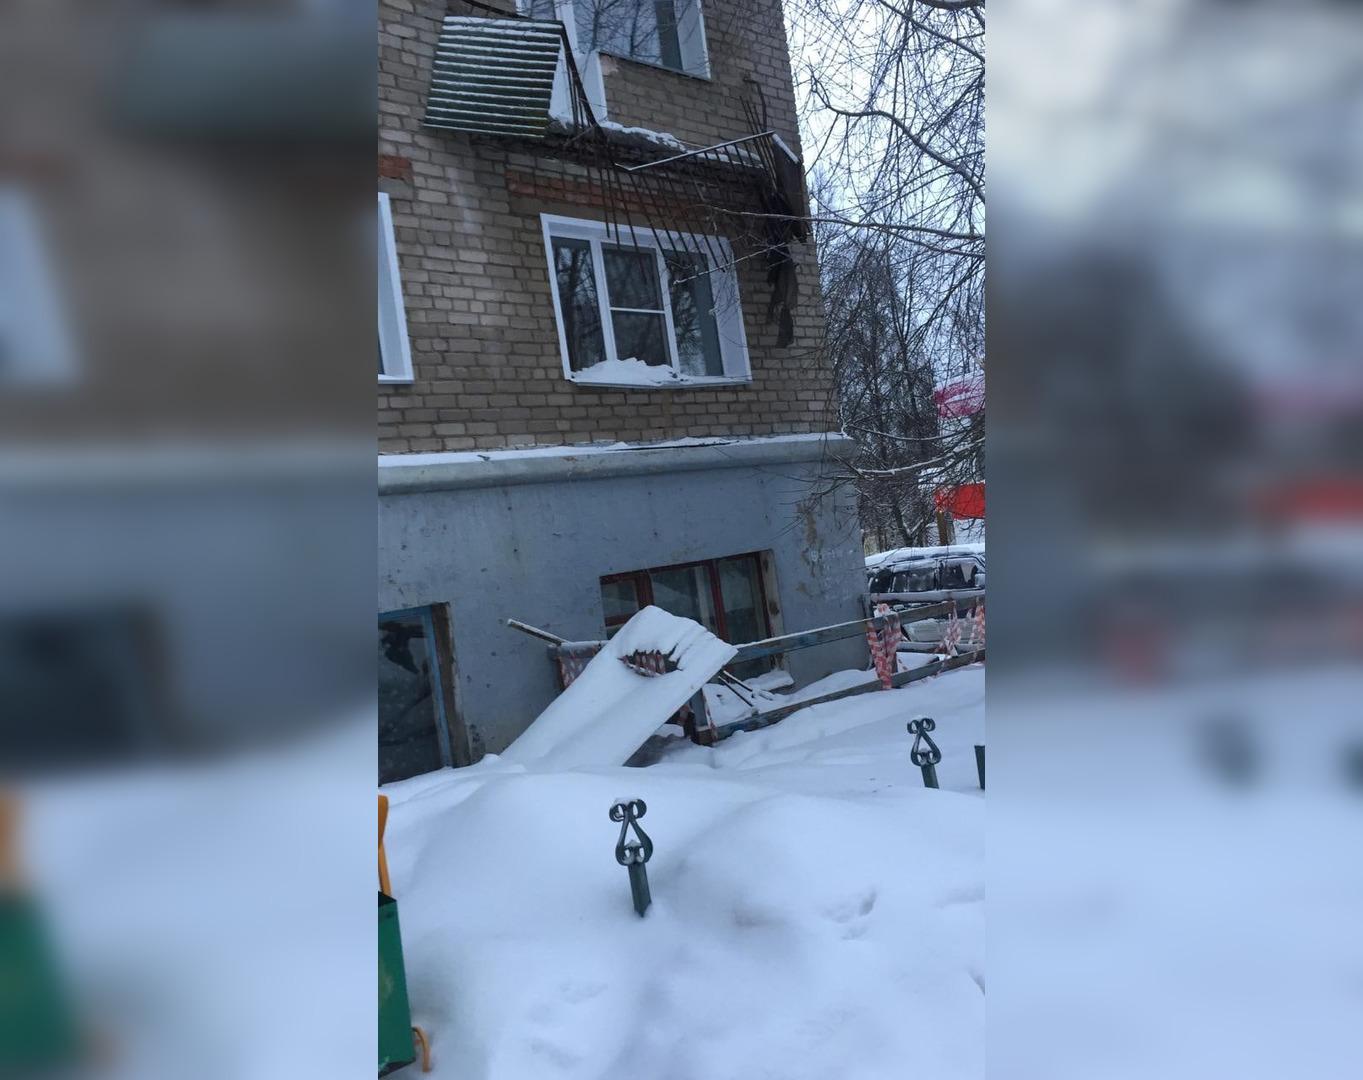 Руководитель УК рассказал, из-за чего на самом деле рухнул балкон в Кирово-Чепецке